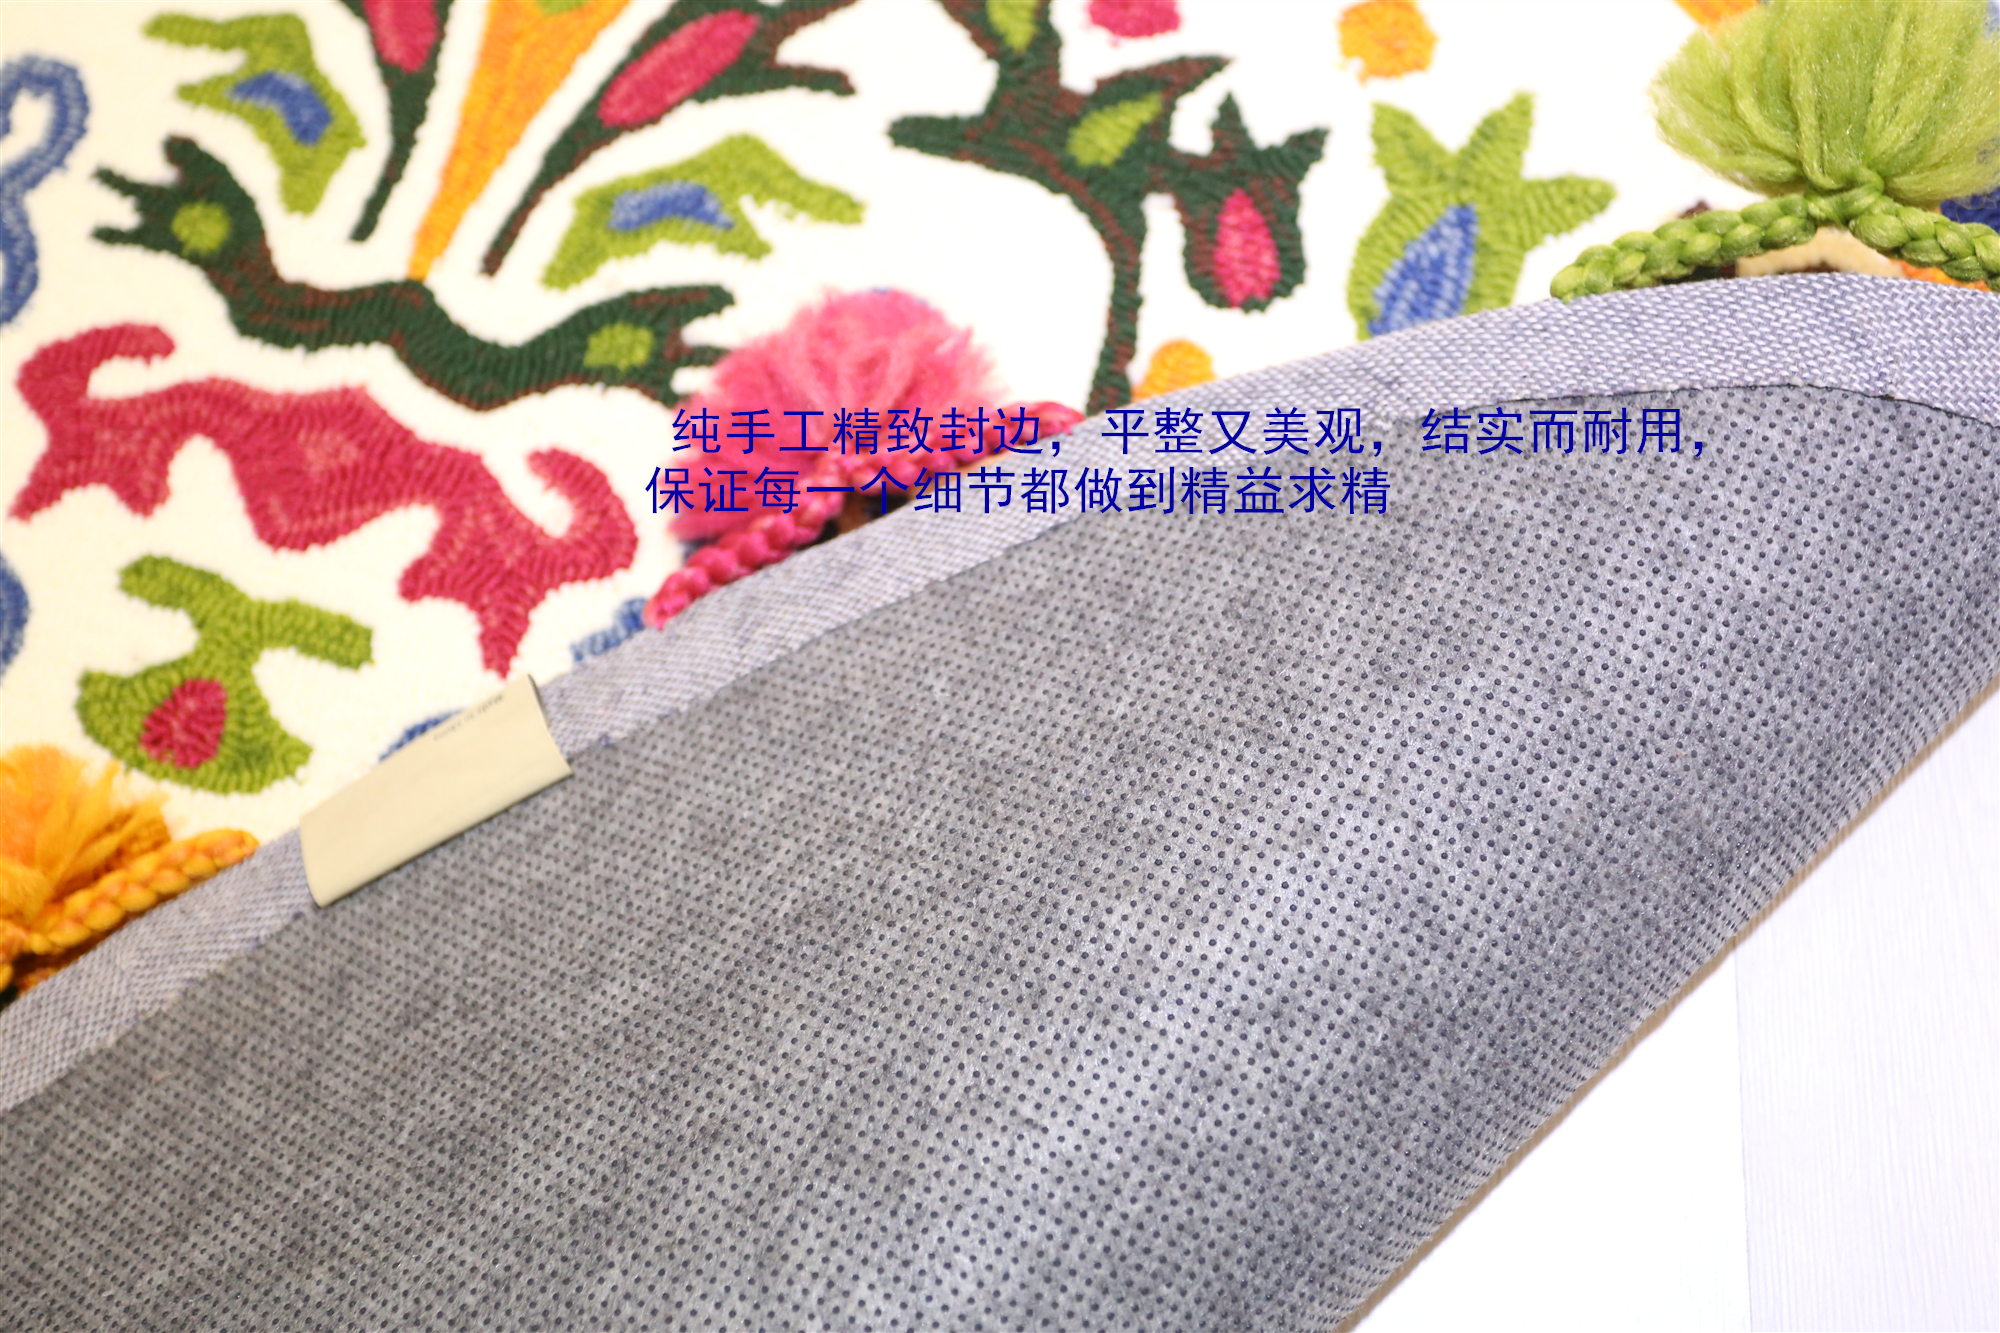 【混色丙纶割绒地毯 酒店宾馆地毯 6200233006 PP】... -中国网库